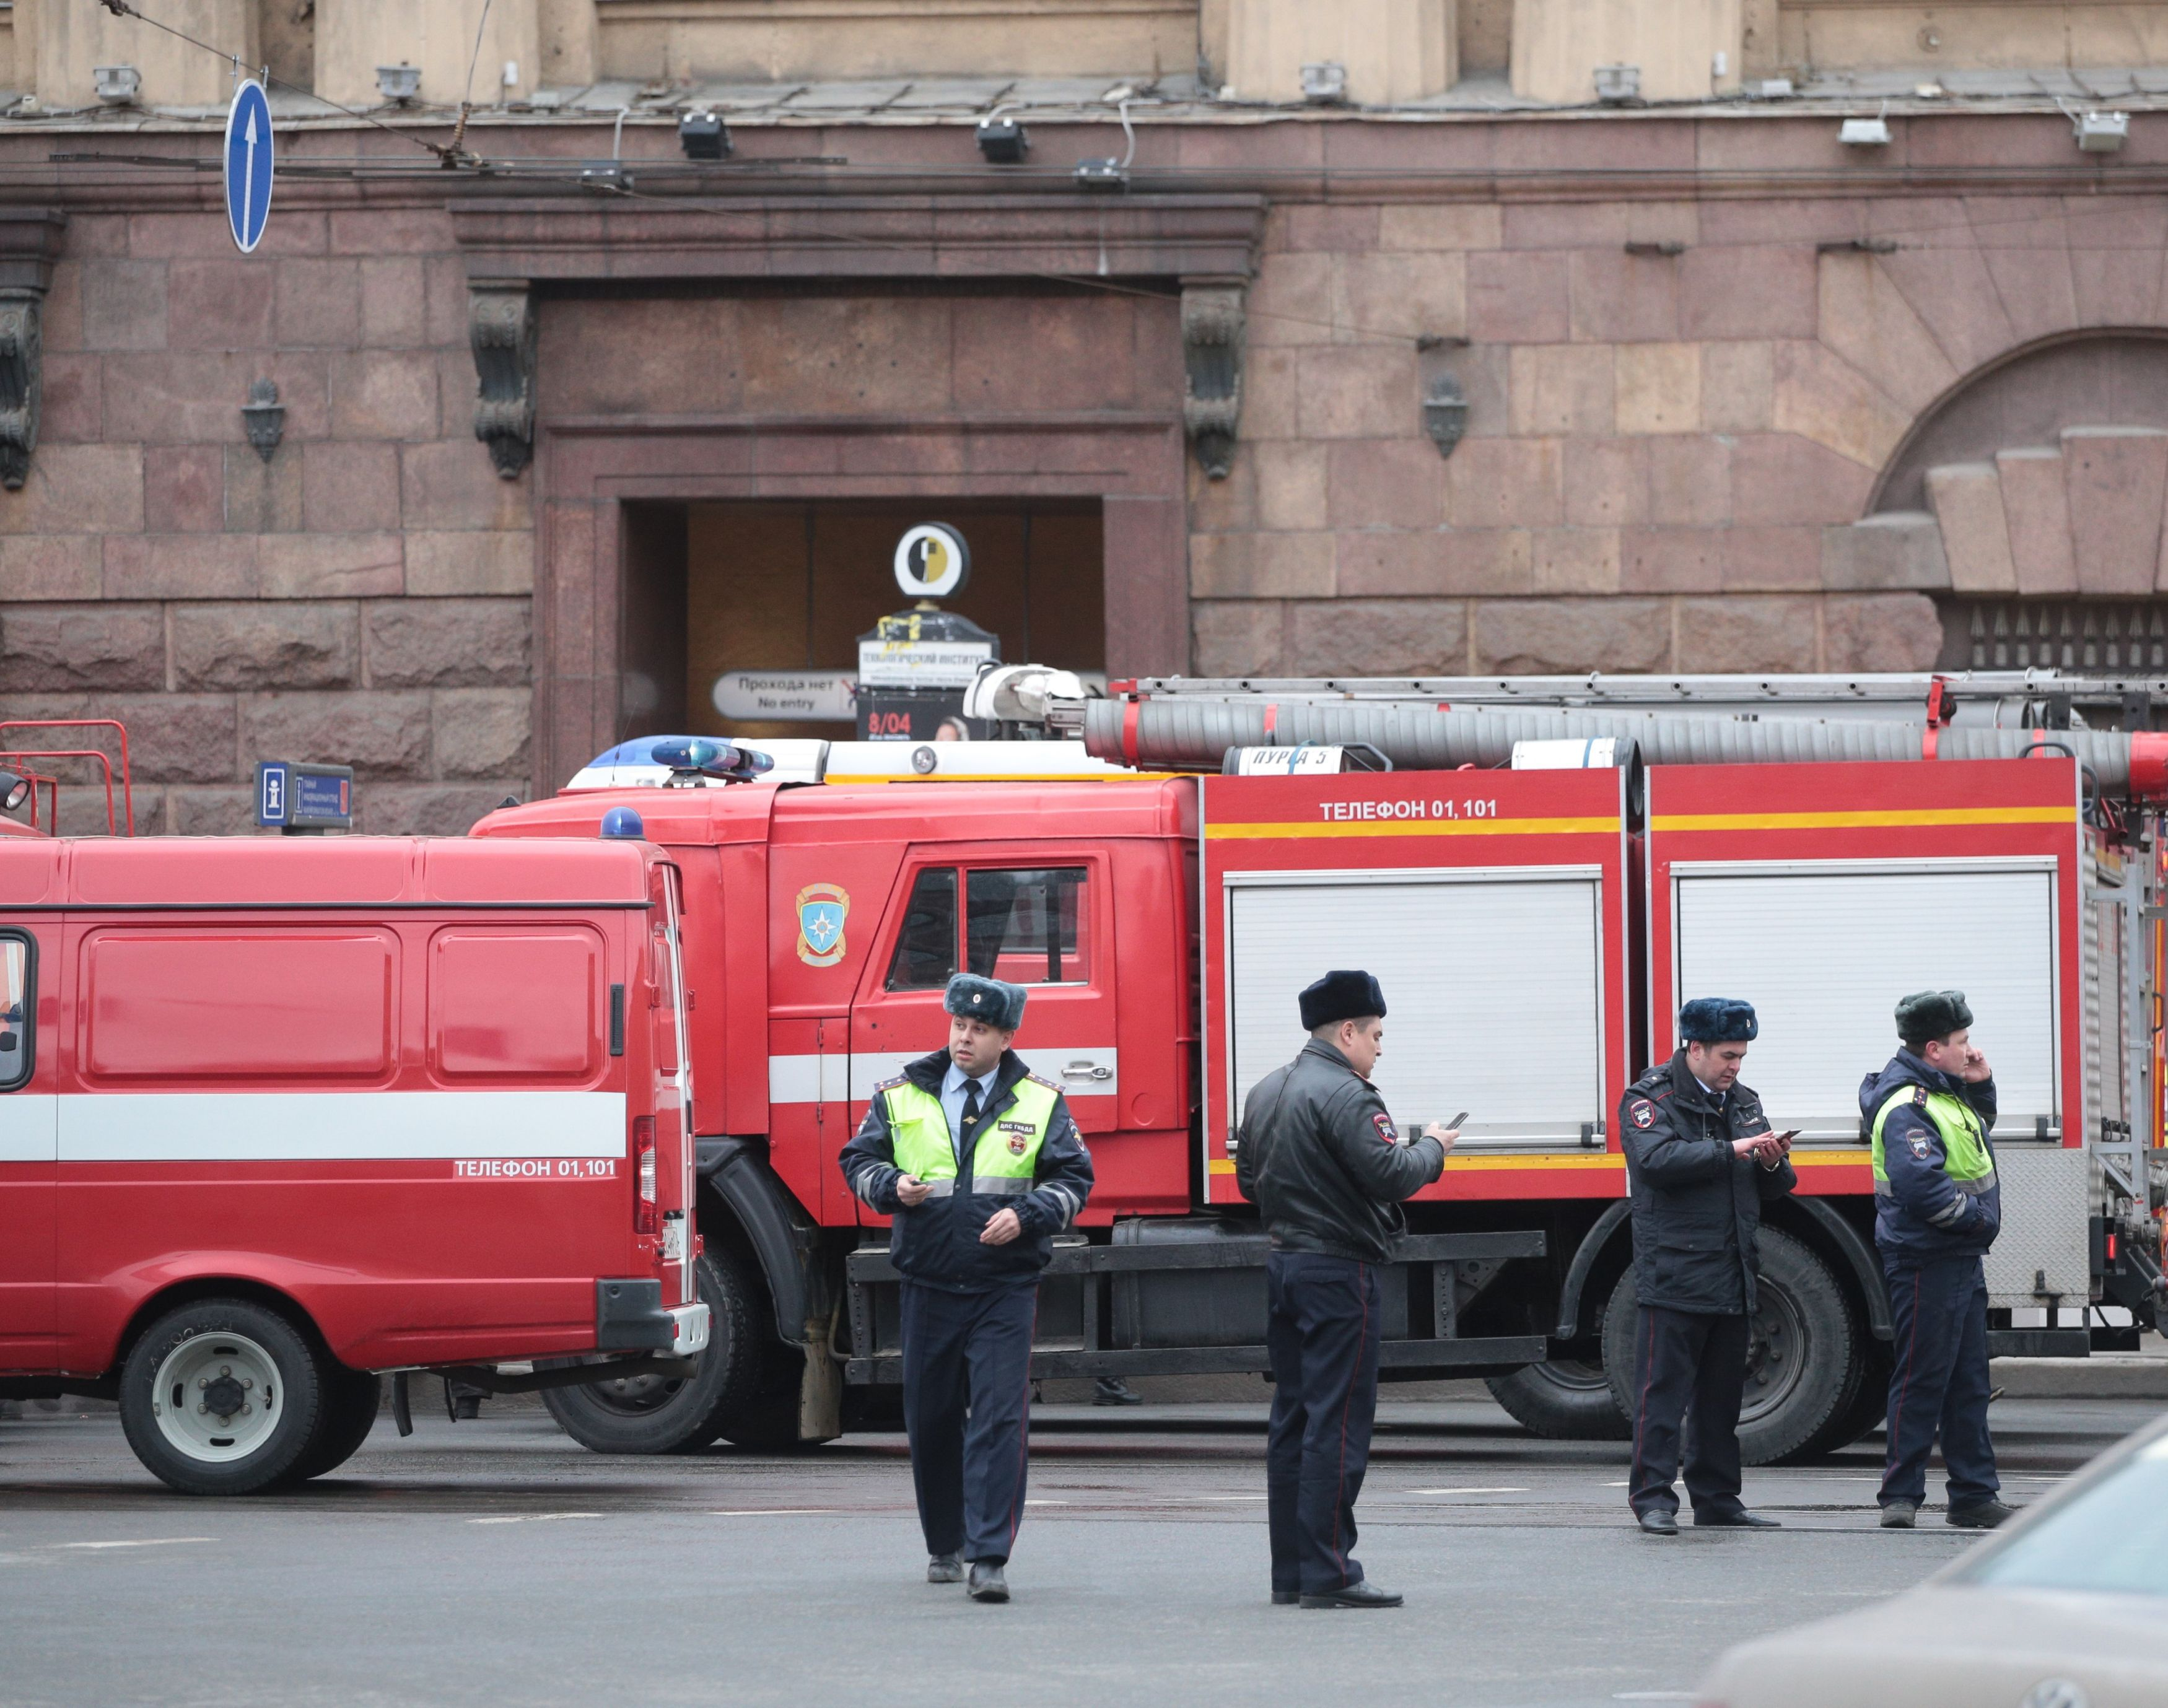 Doi islamişti acuzaţi de comiterea atentatului din Sankt-Petersburg au fost arestaţi de Serviciul de Securitate din Rusia